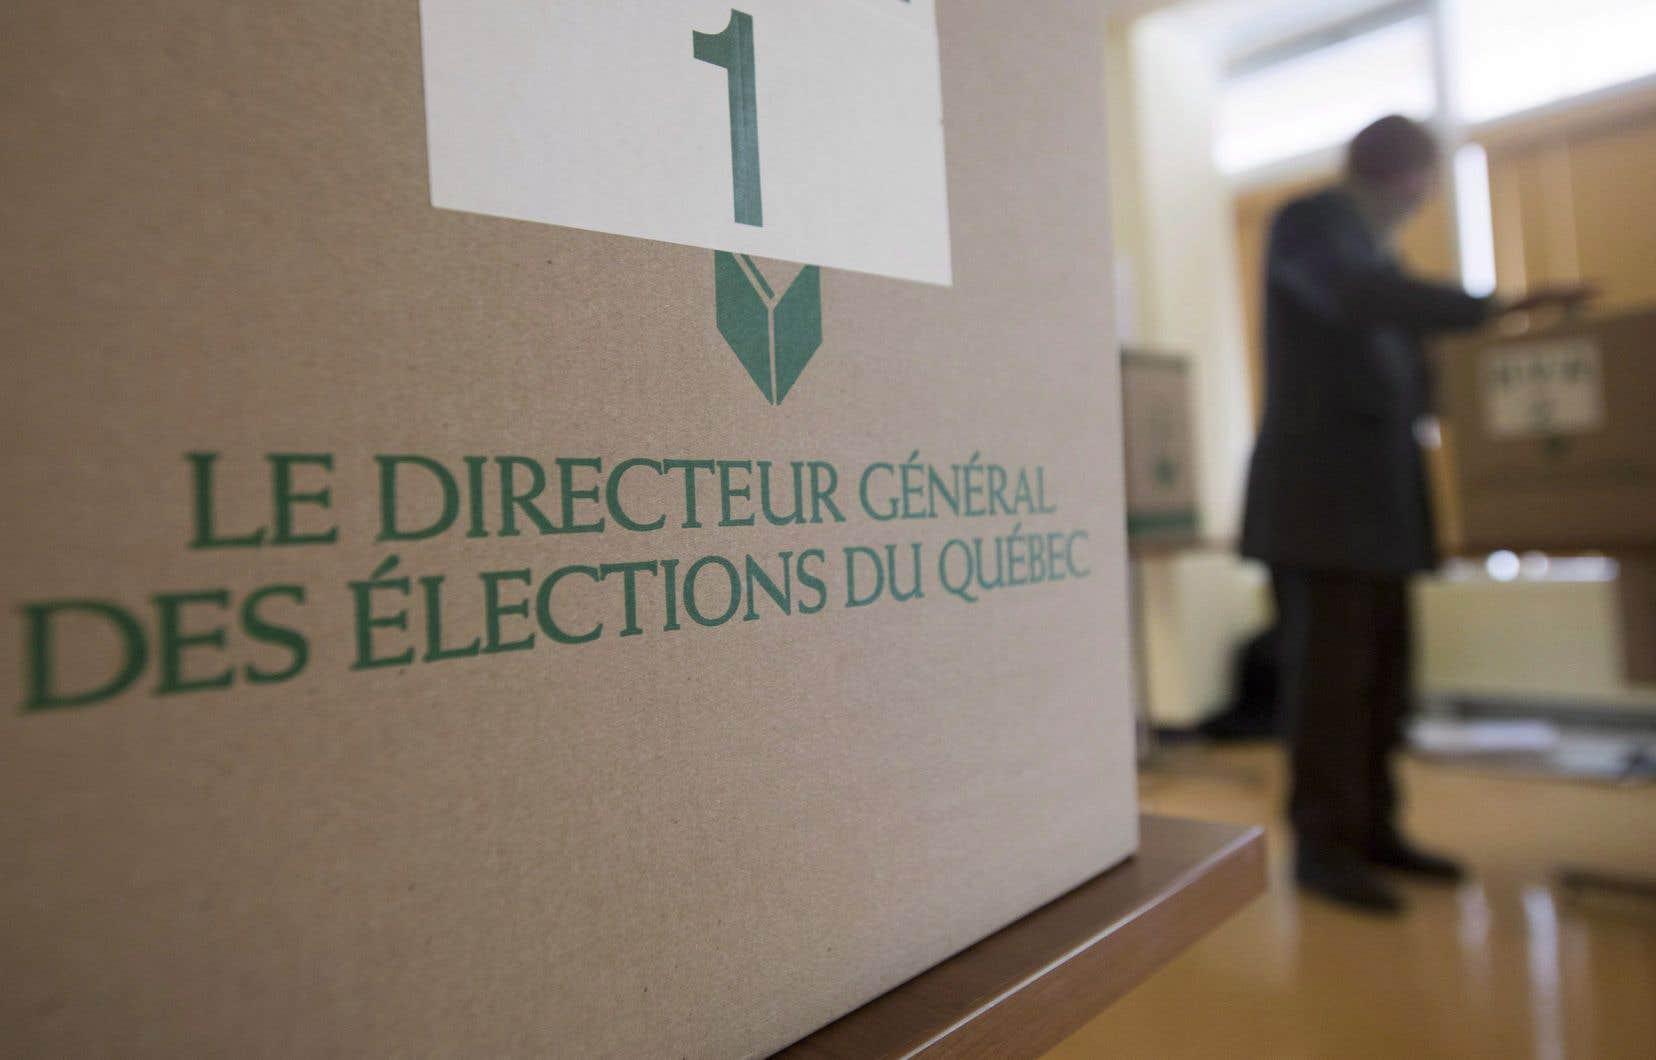 Si le gouvernement Legault respecte son engagement électoral, tous les yeux seraient tournés vers le Québec, qui deviendrait la seule province canadienne à être allée jusqu'au bout.